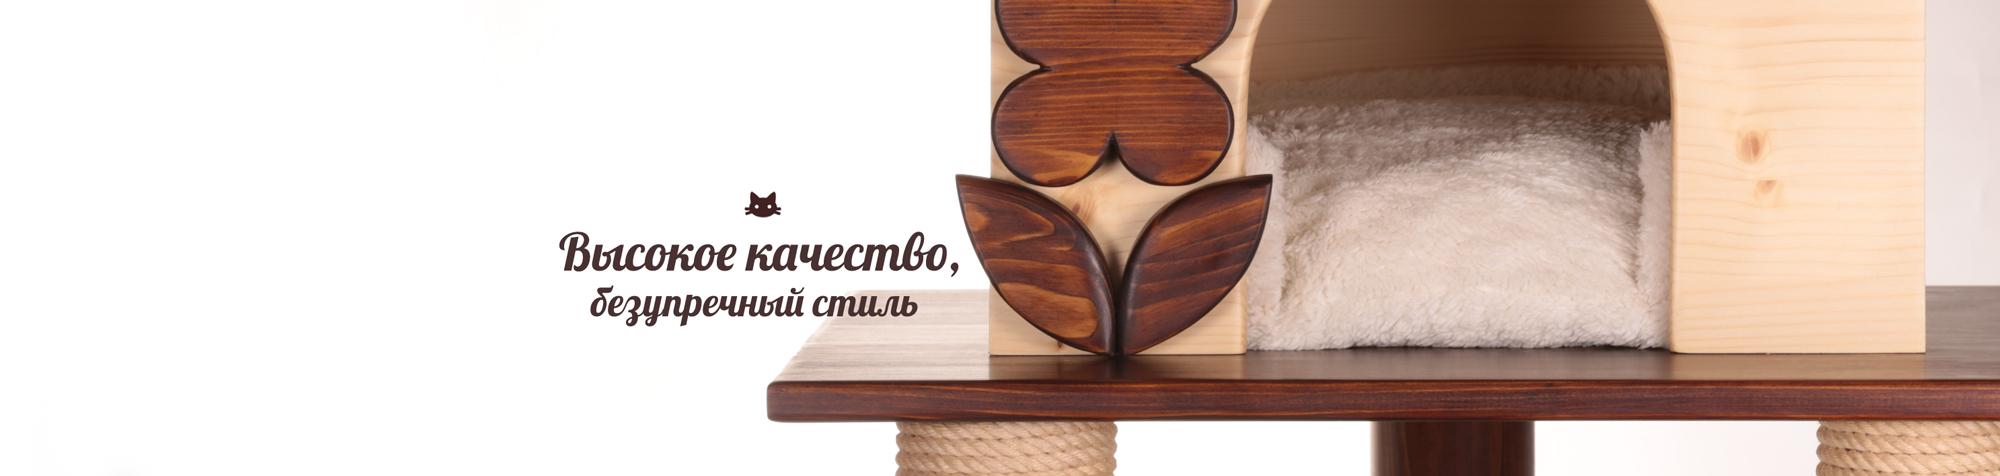 Сонник сколачивать деревянный домик для кошки